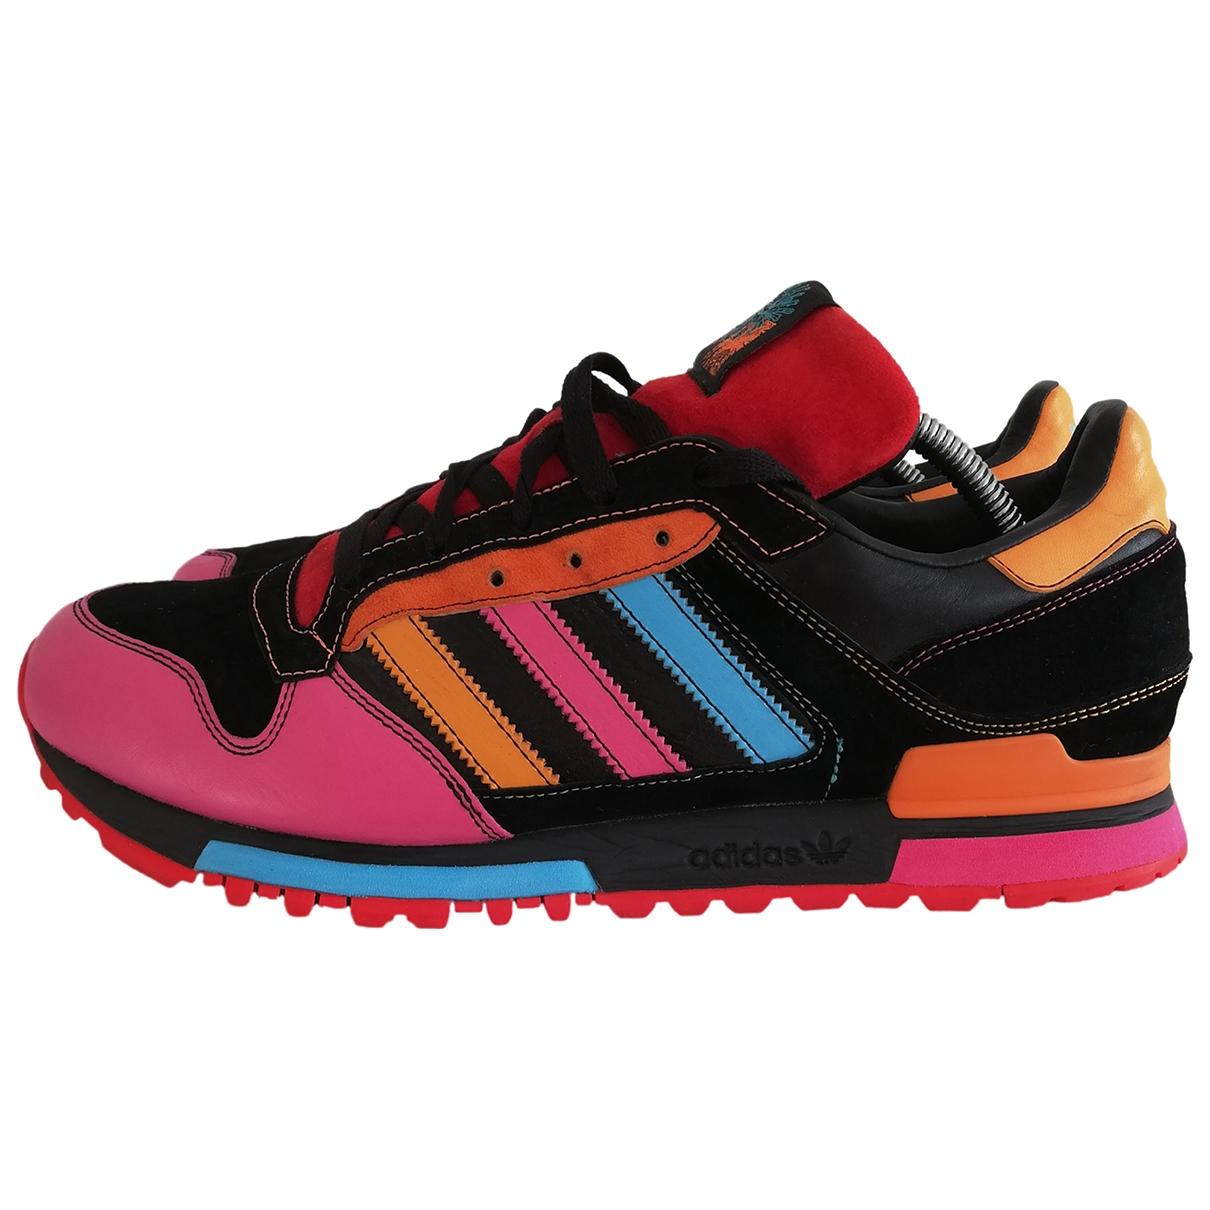 Adidas - Baskets ZX pour homme en cuir - multicolore